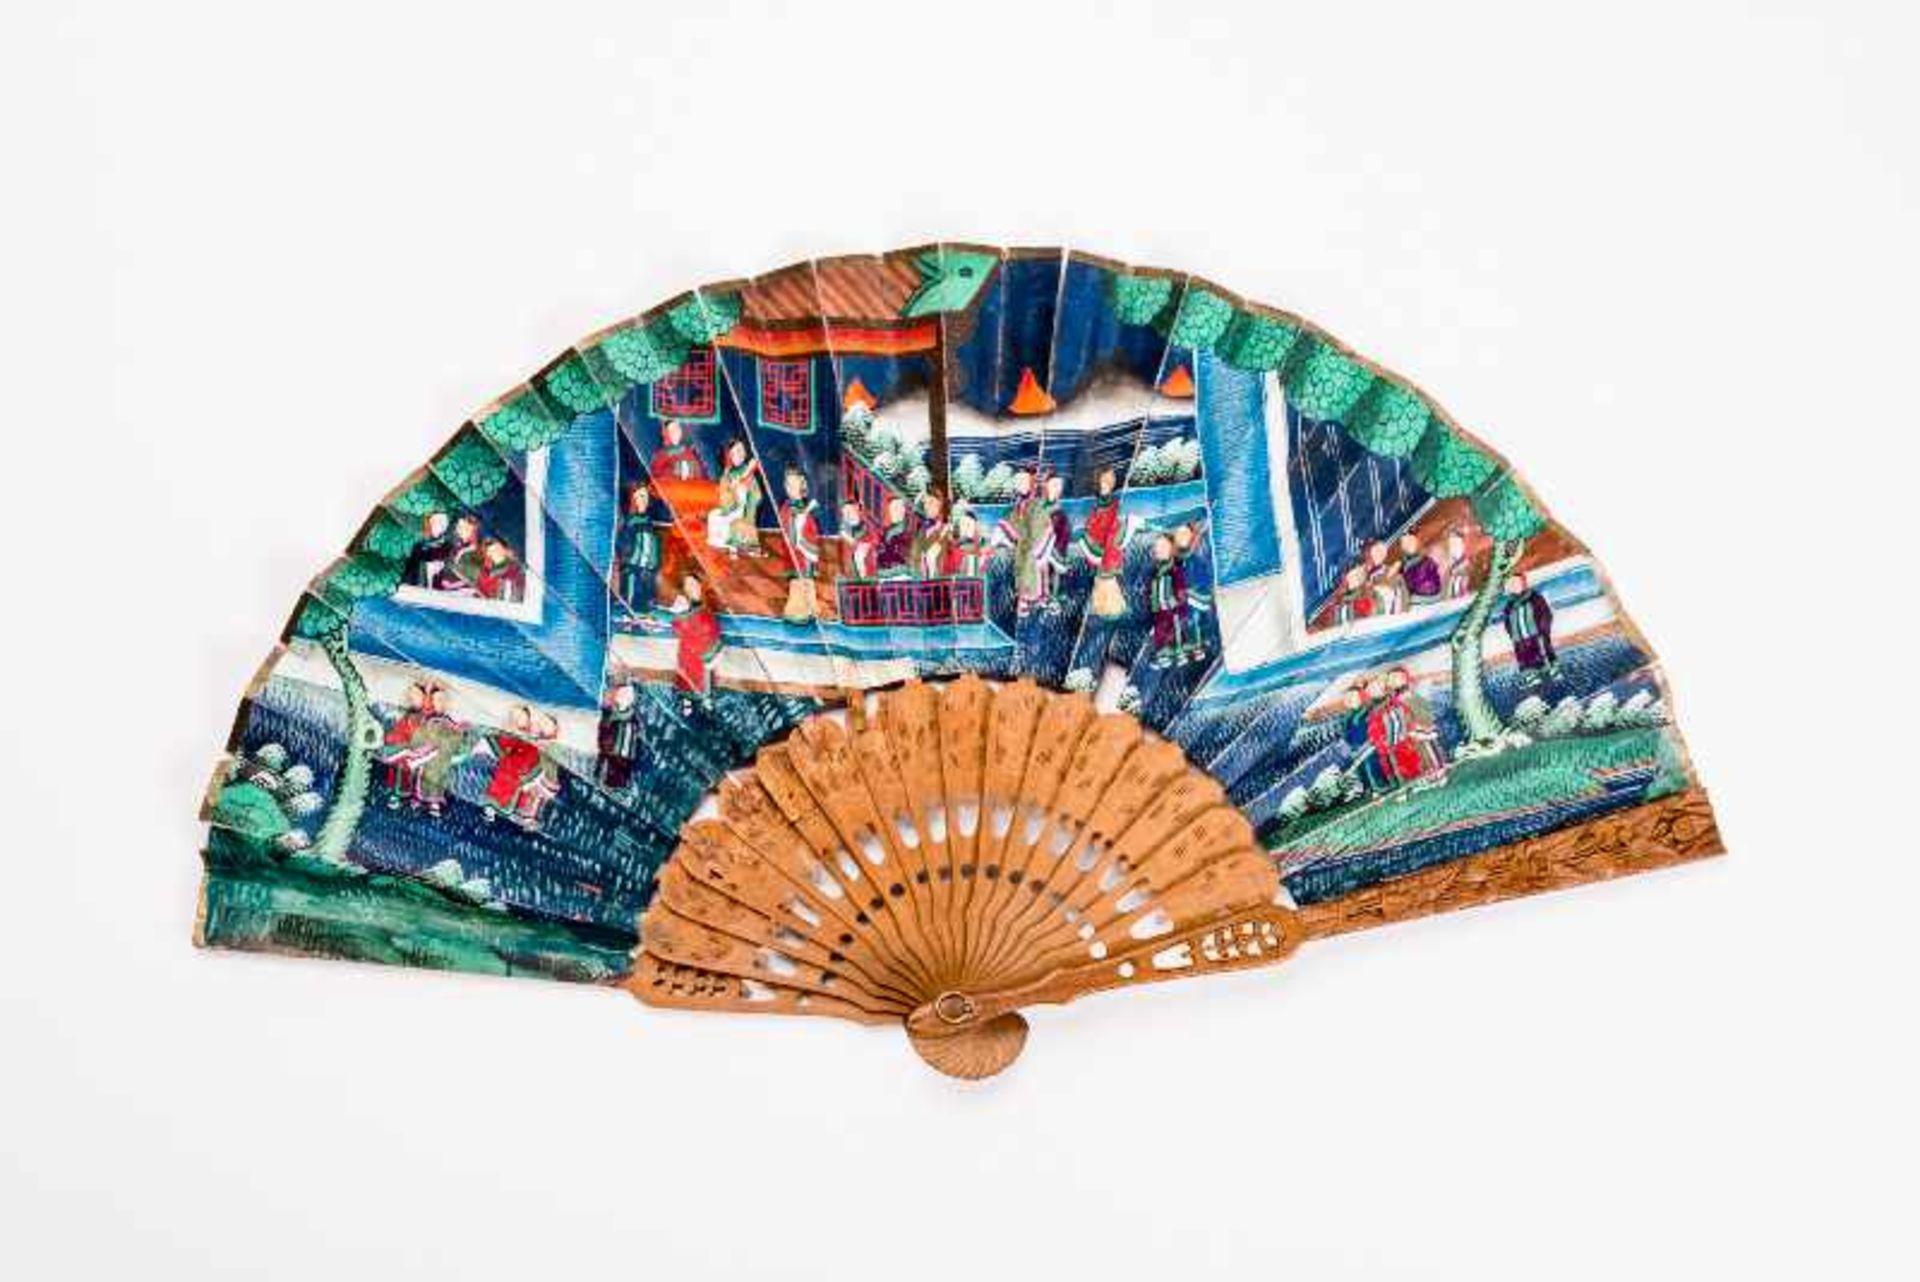 FALTFÄCHER MIT FIGURALER SZENE, TIEREN etc. Gouache, Seide, Elfenbein, Holz. China, späte Qing- - Image 2 of 3